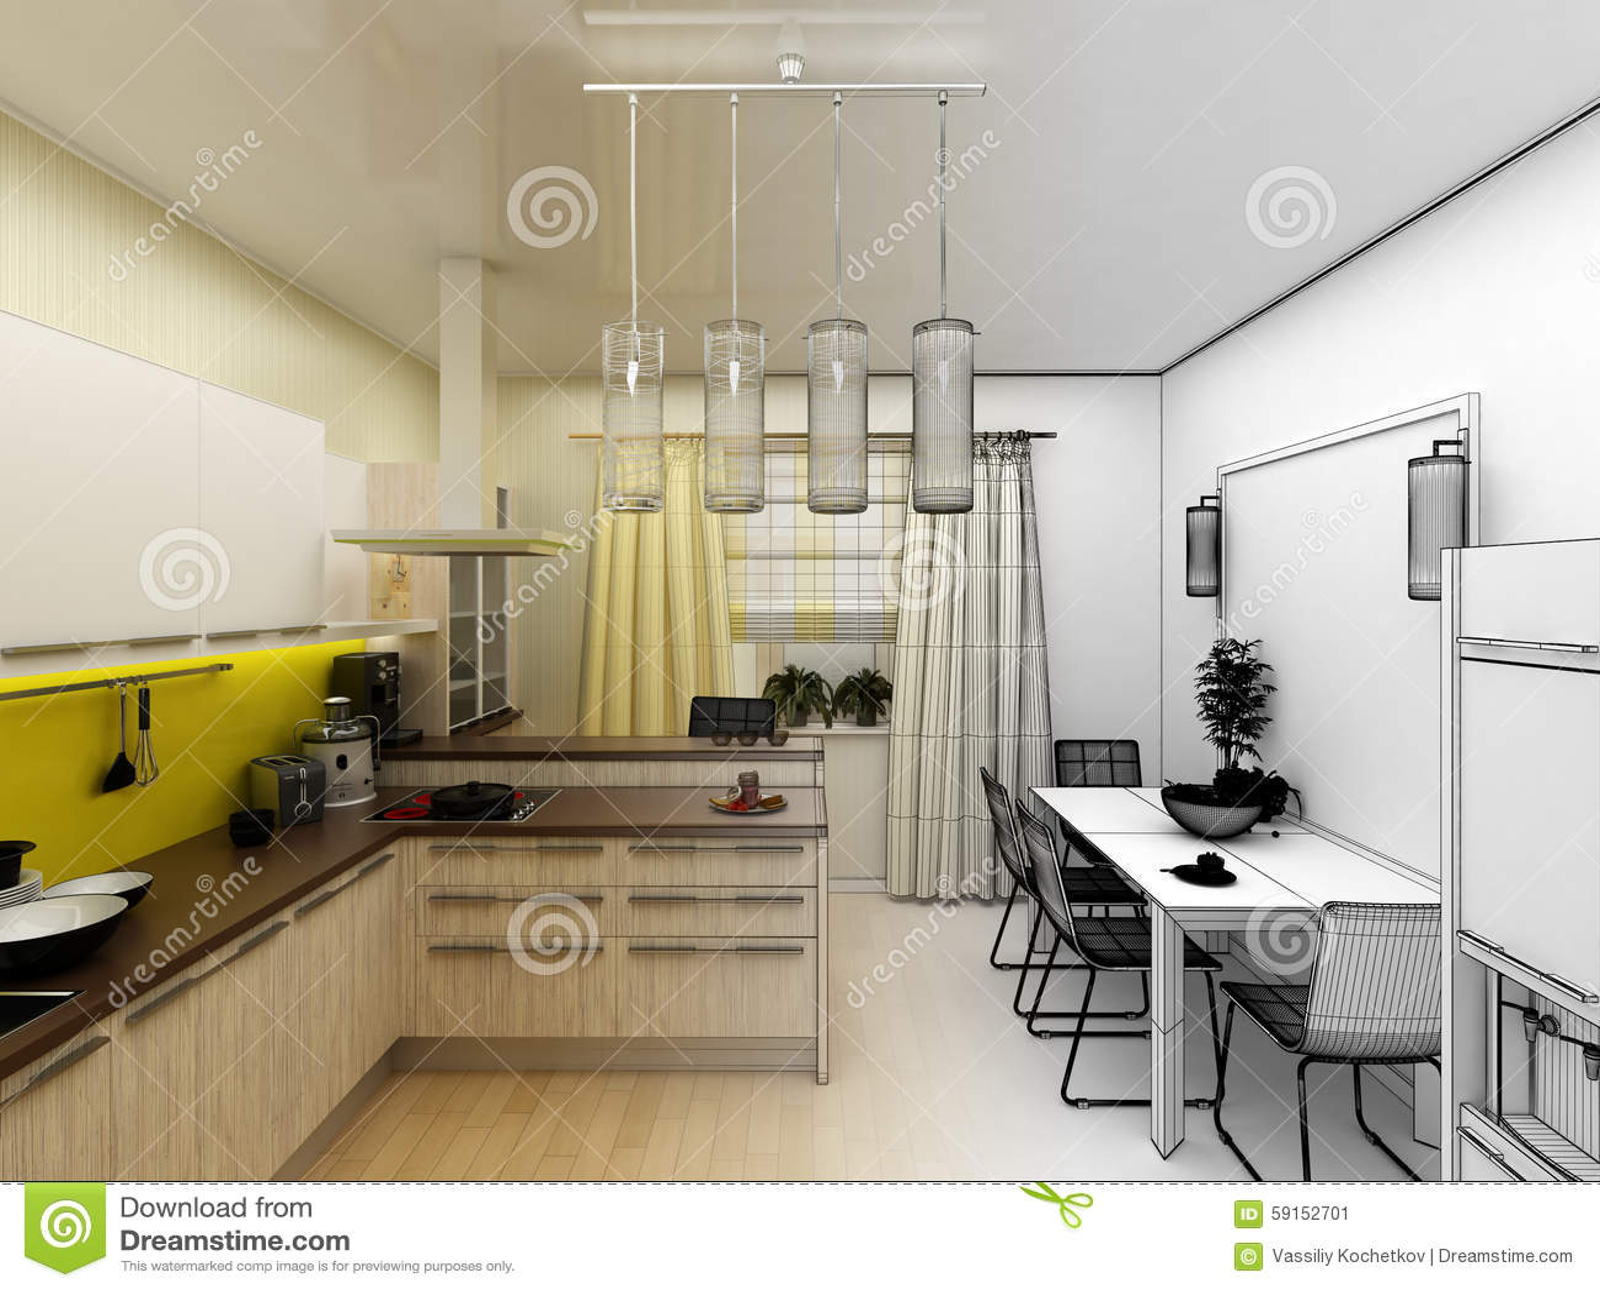 Geel De Keuken : Geel modern keuken binnenlands 3d concept stock illustratie